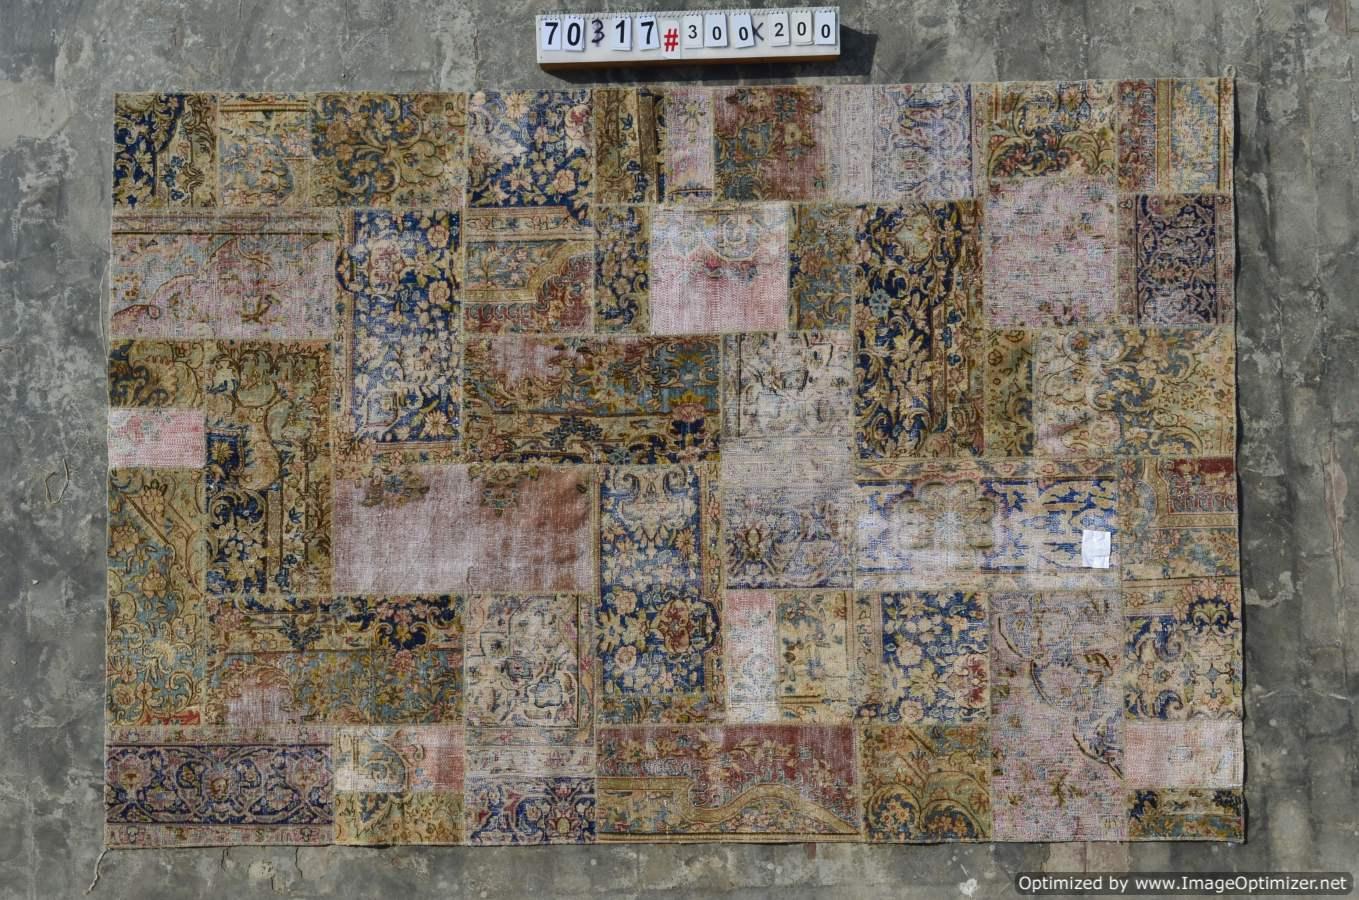 Patchwork vloerkleed uit Iran  70317  (300cm x 200cm) gemaakt vintage vloerkleden incl.onderkleed van katoen.